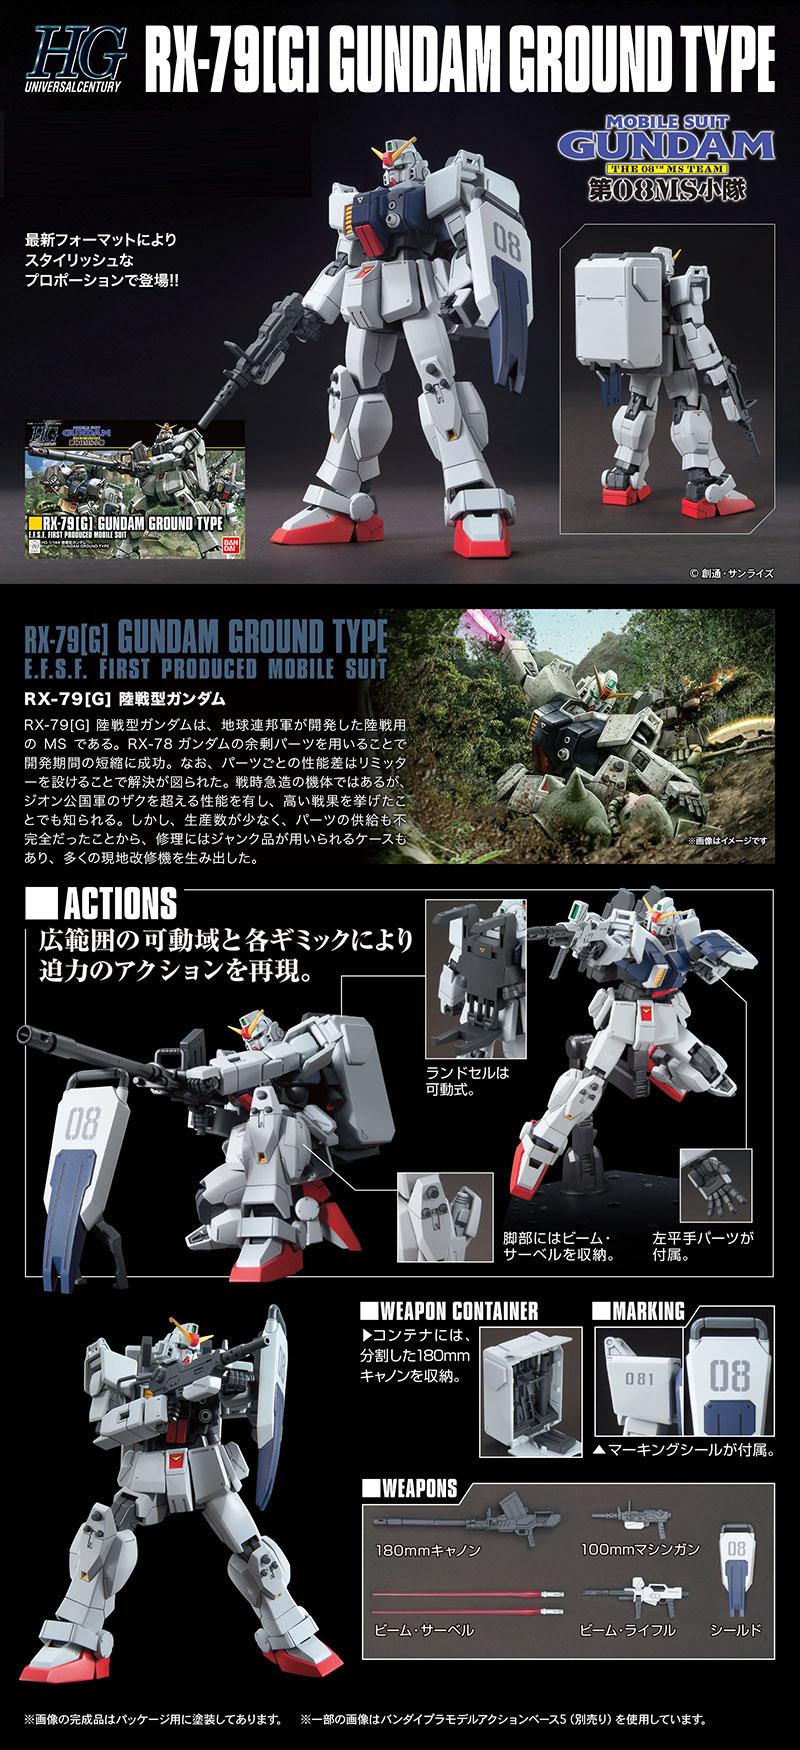 Gundam Ground Type details